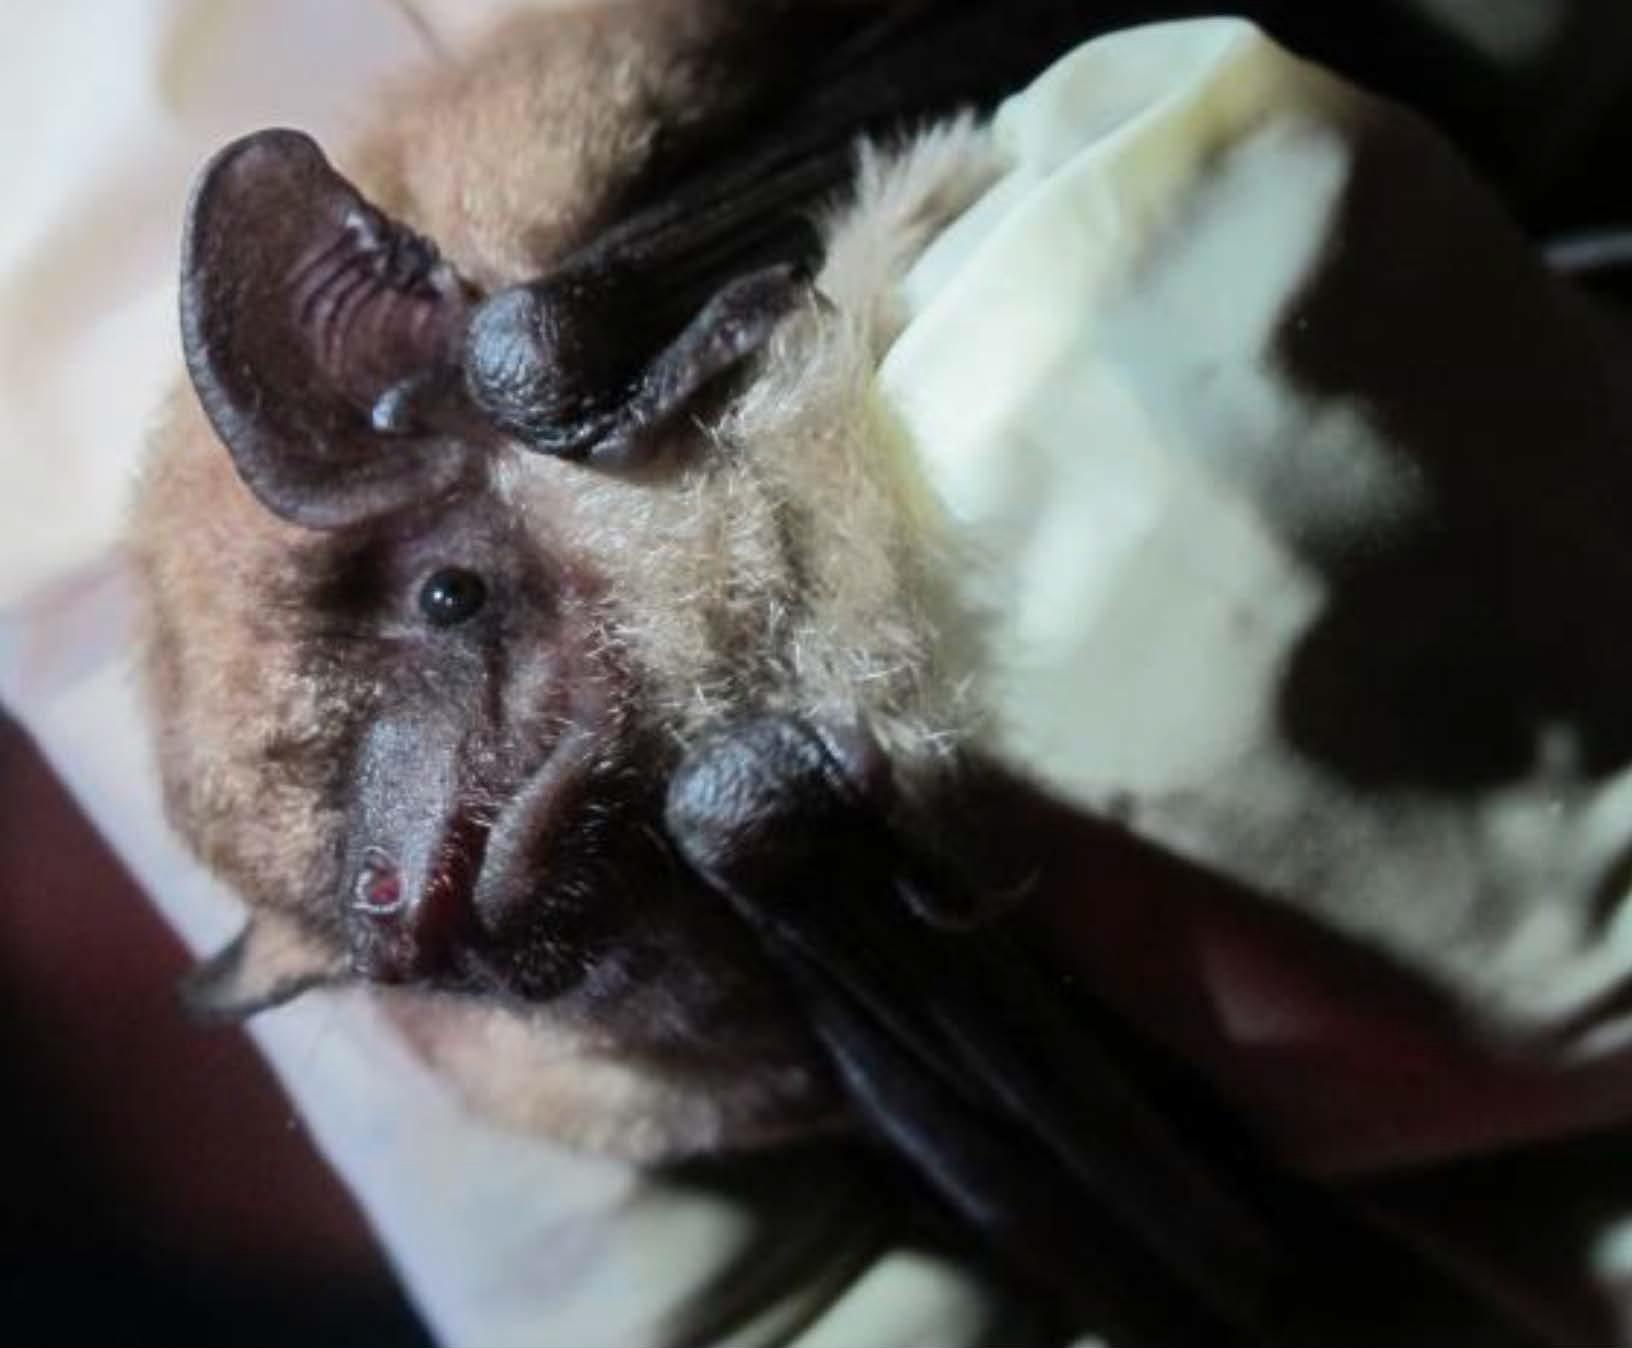 Rabies in bats